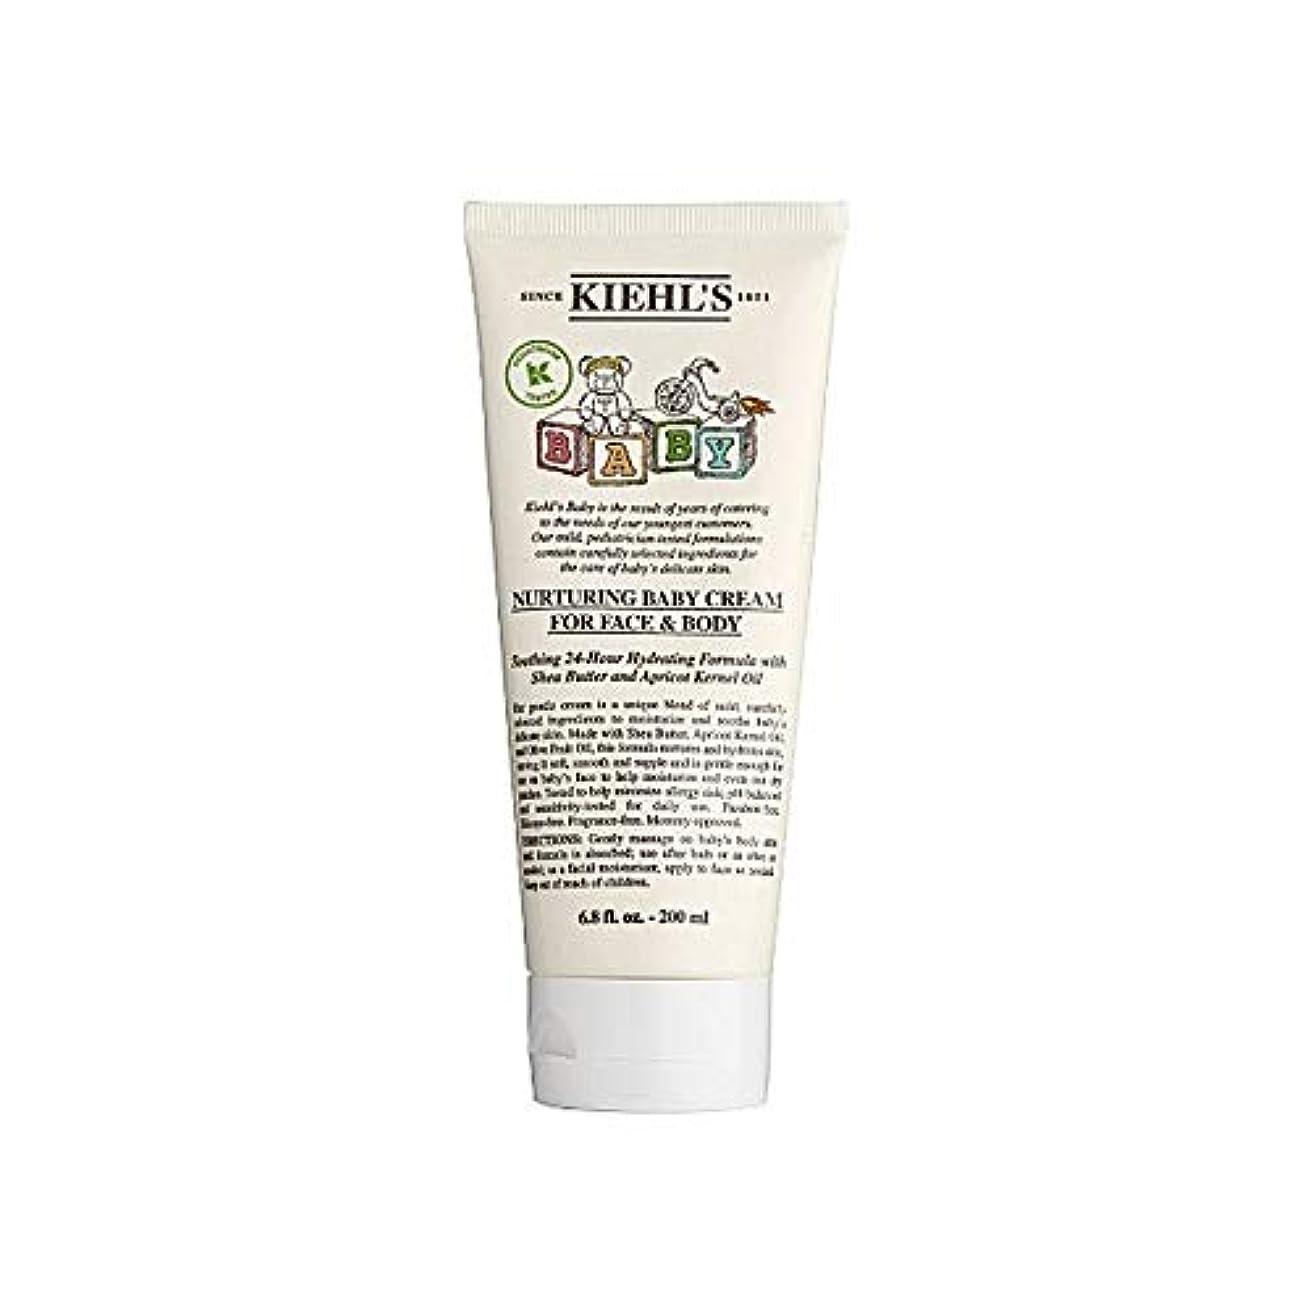 ランクリレーパウダー[Kiehl's ] キールズベビークリーム200ミリリットル - Kiehl's Baby Cream 200ml [並行輸入品]